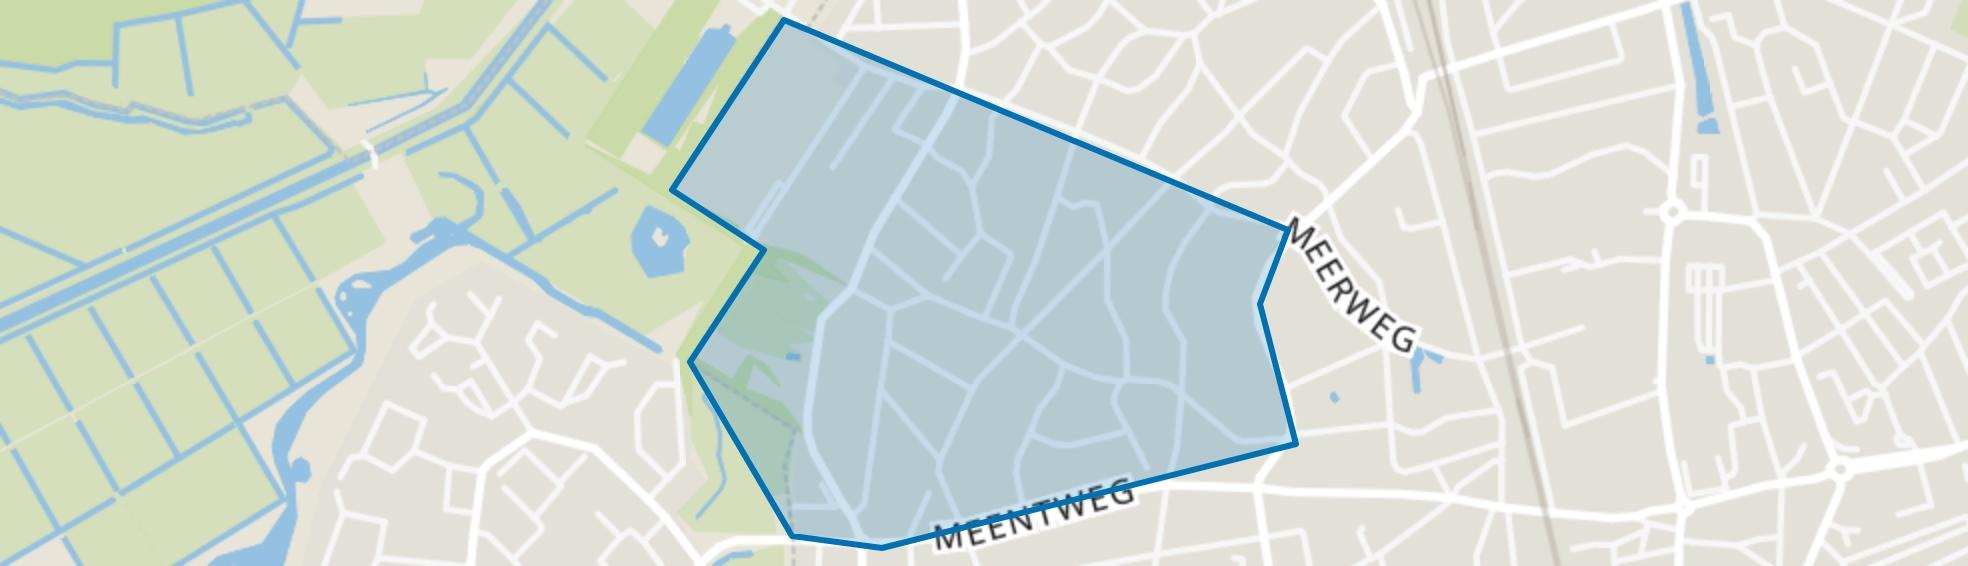 Boslaan, Bussum map